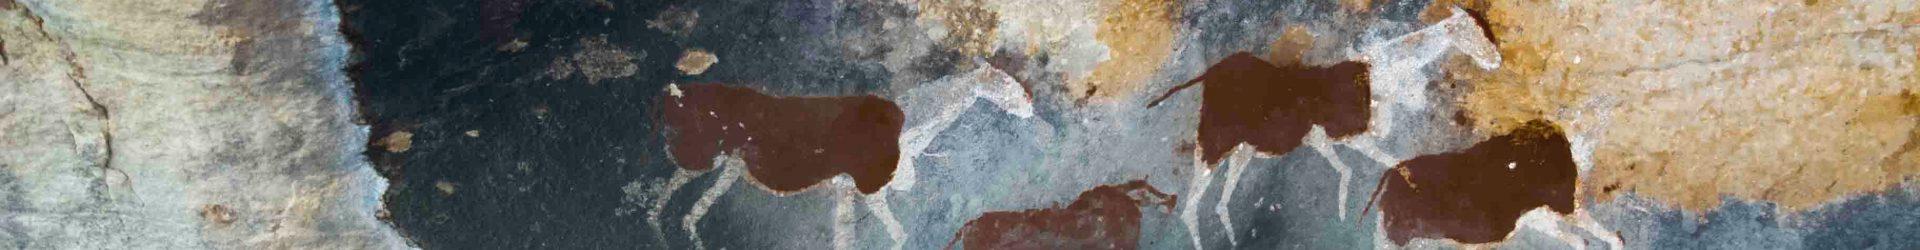 Het Urantia Boek door Robert Zwemmer